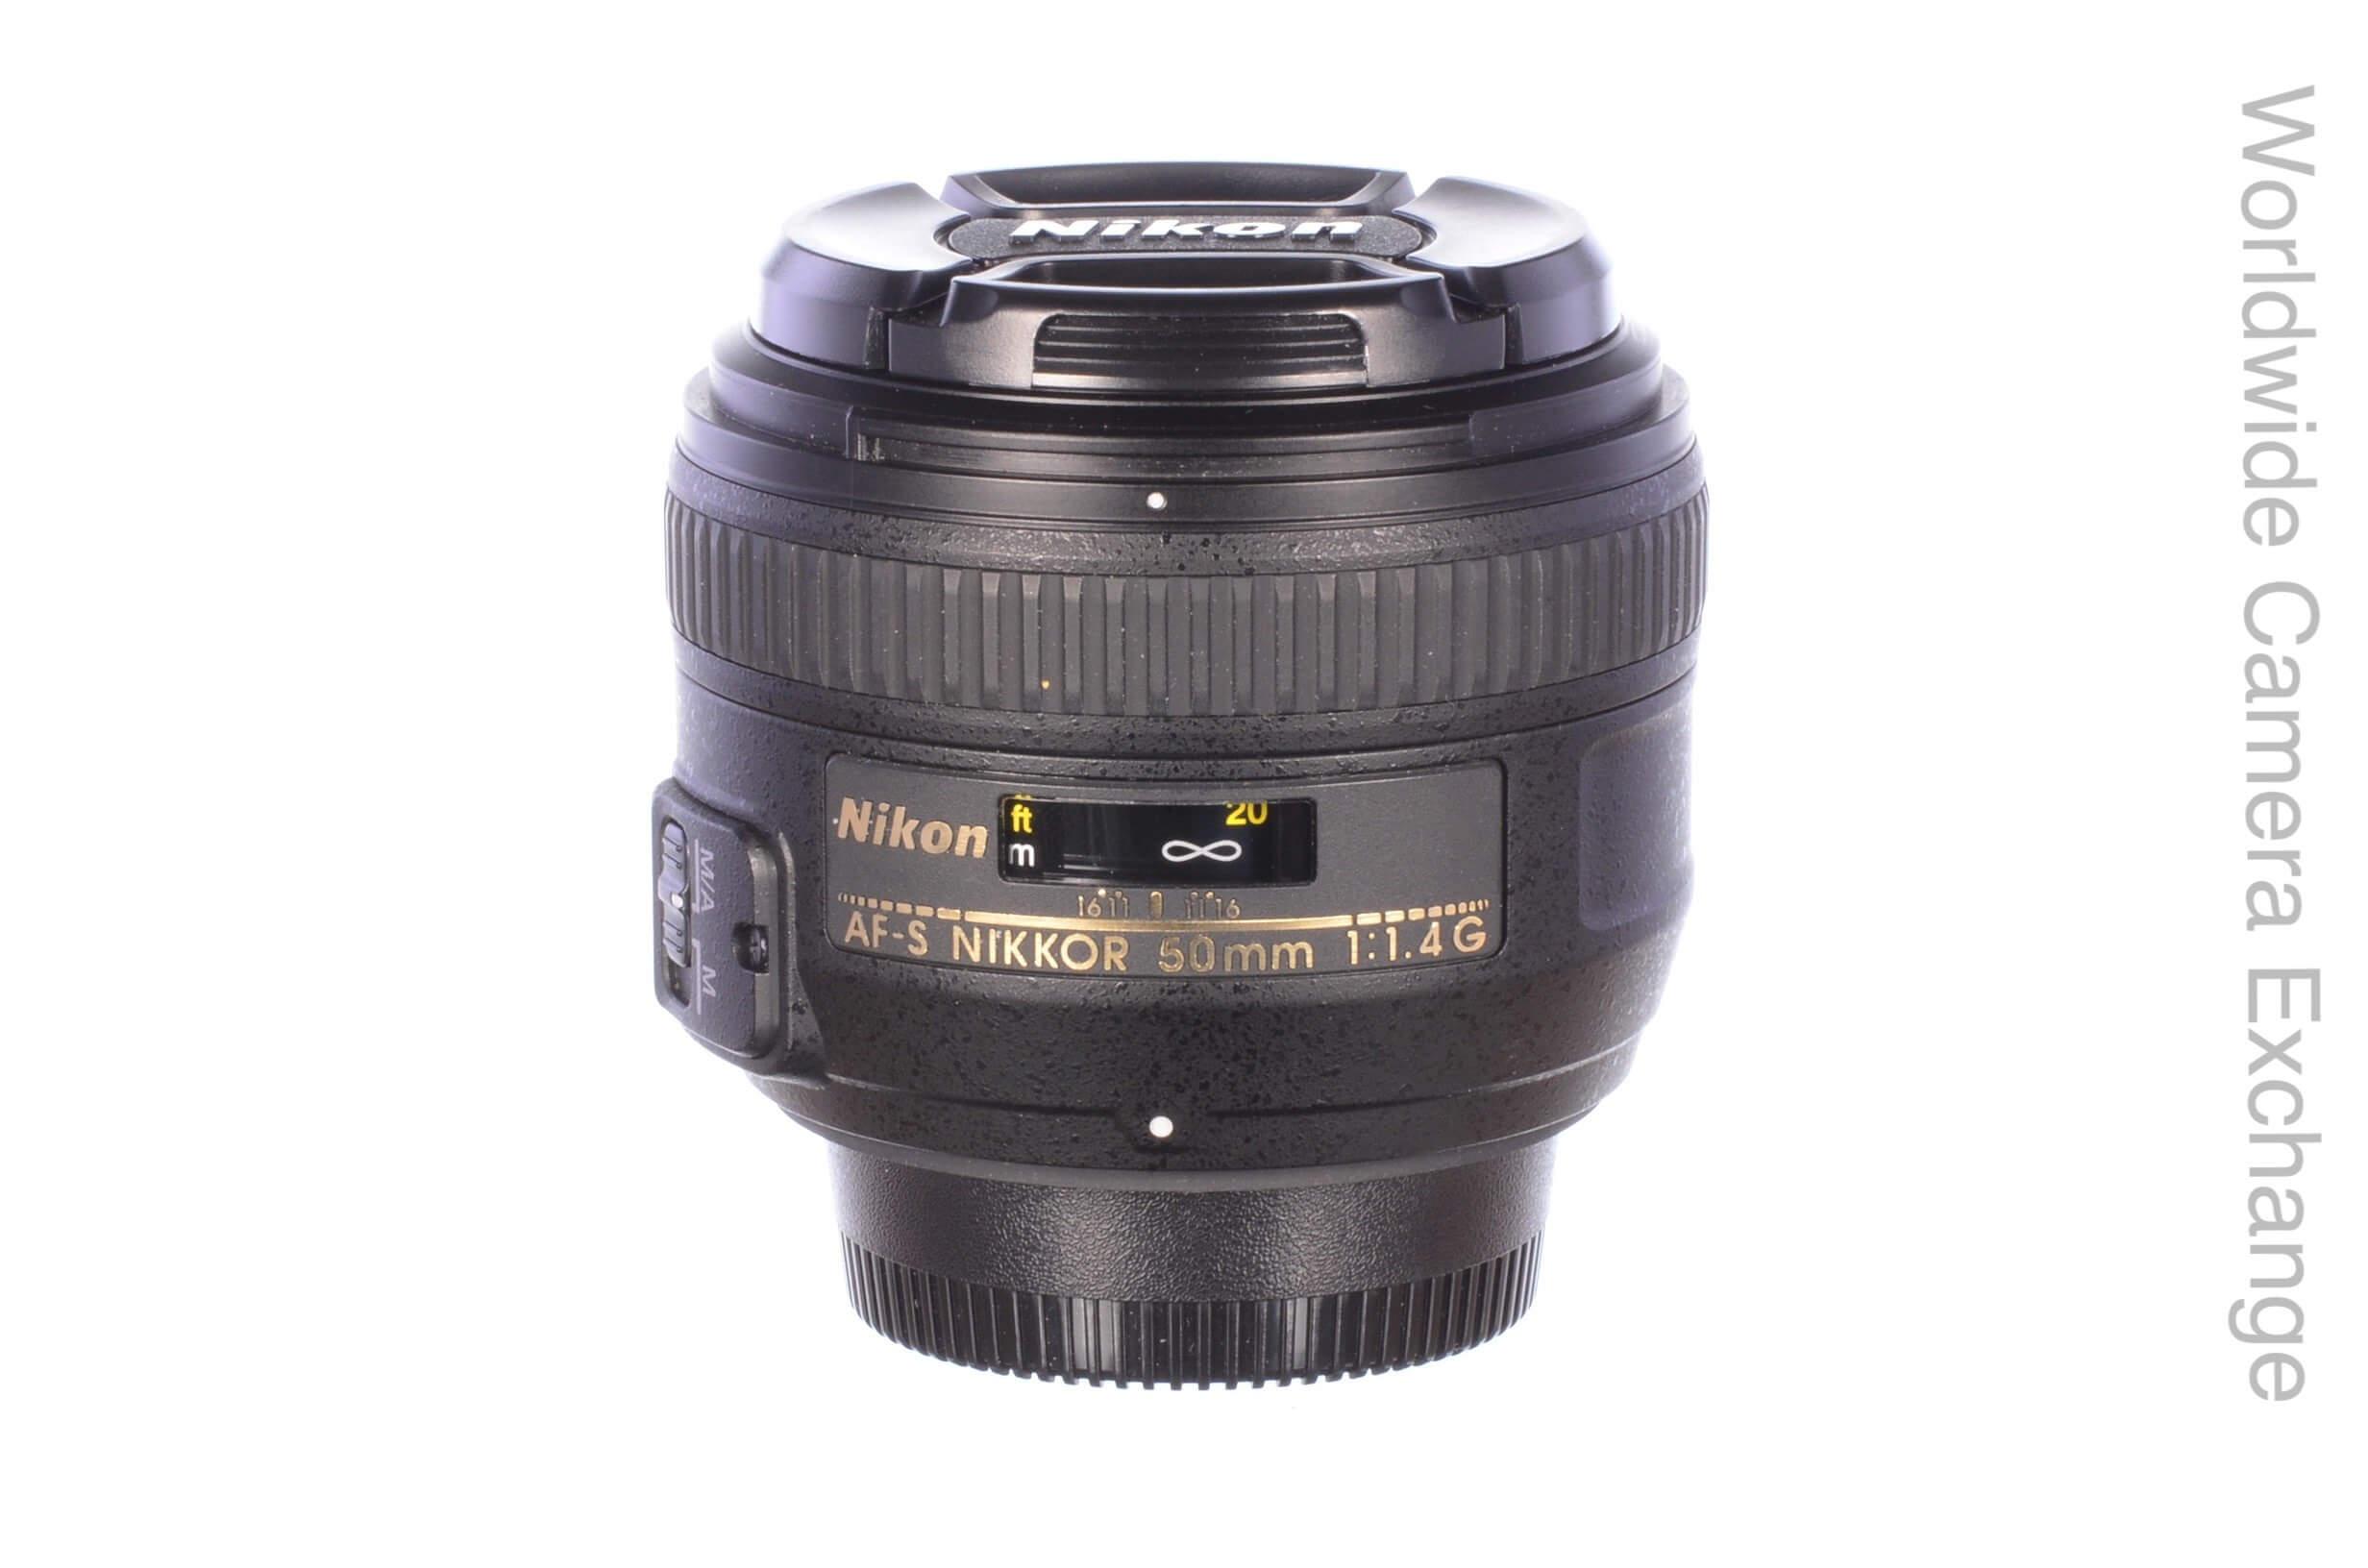 Nikon 50mm f1.4 AF-S G lens, MINT